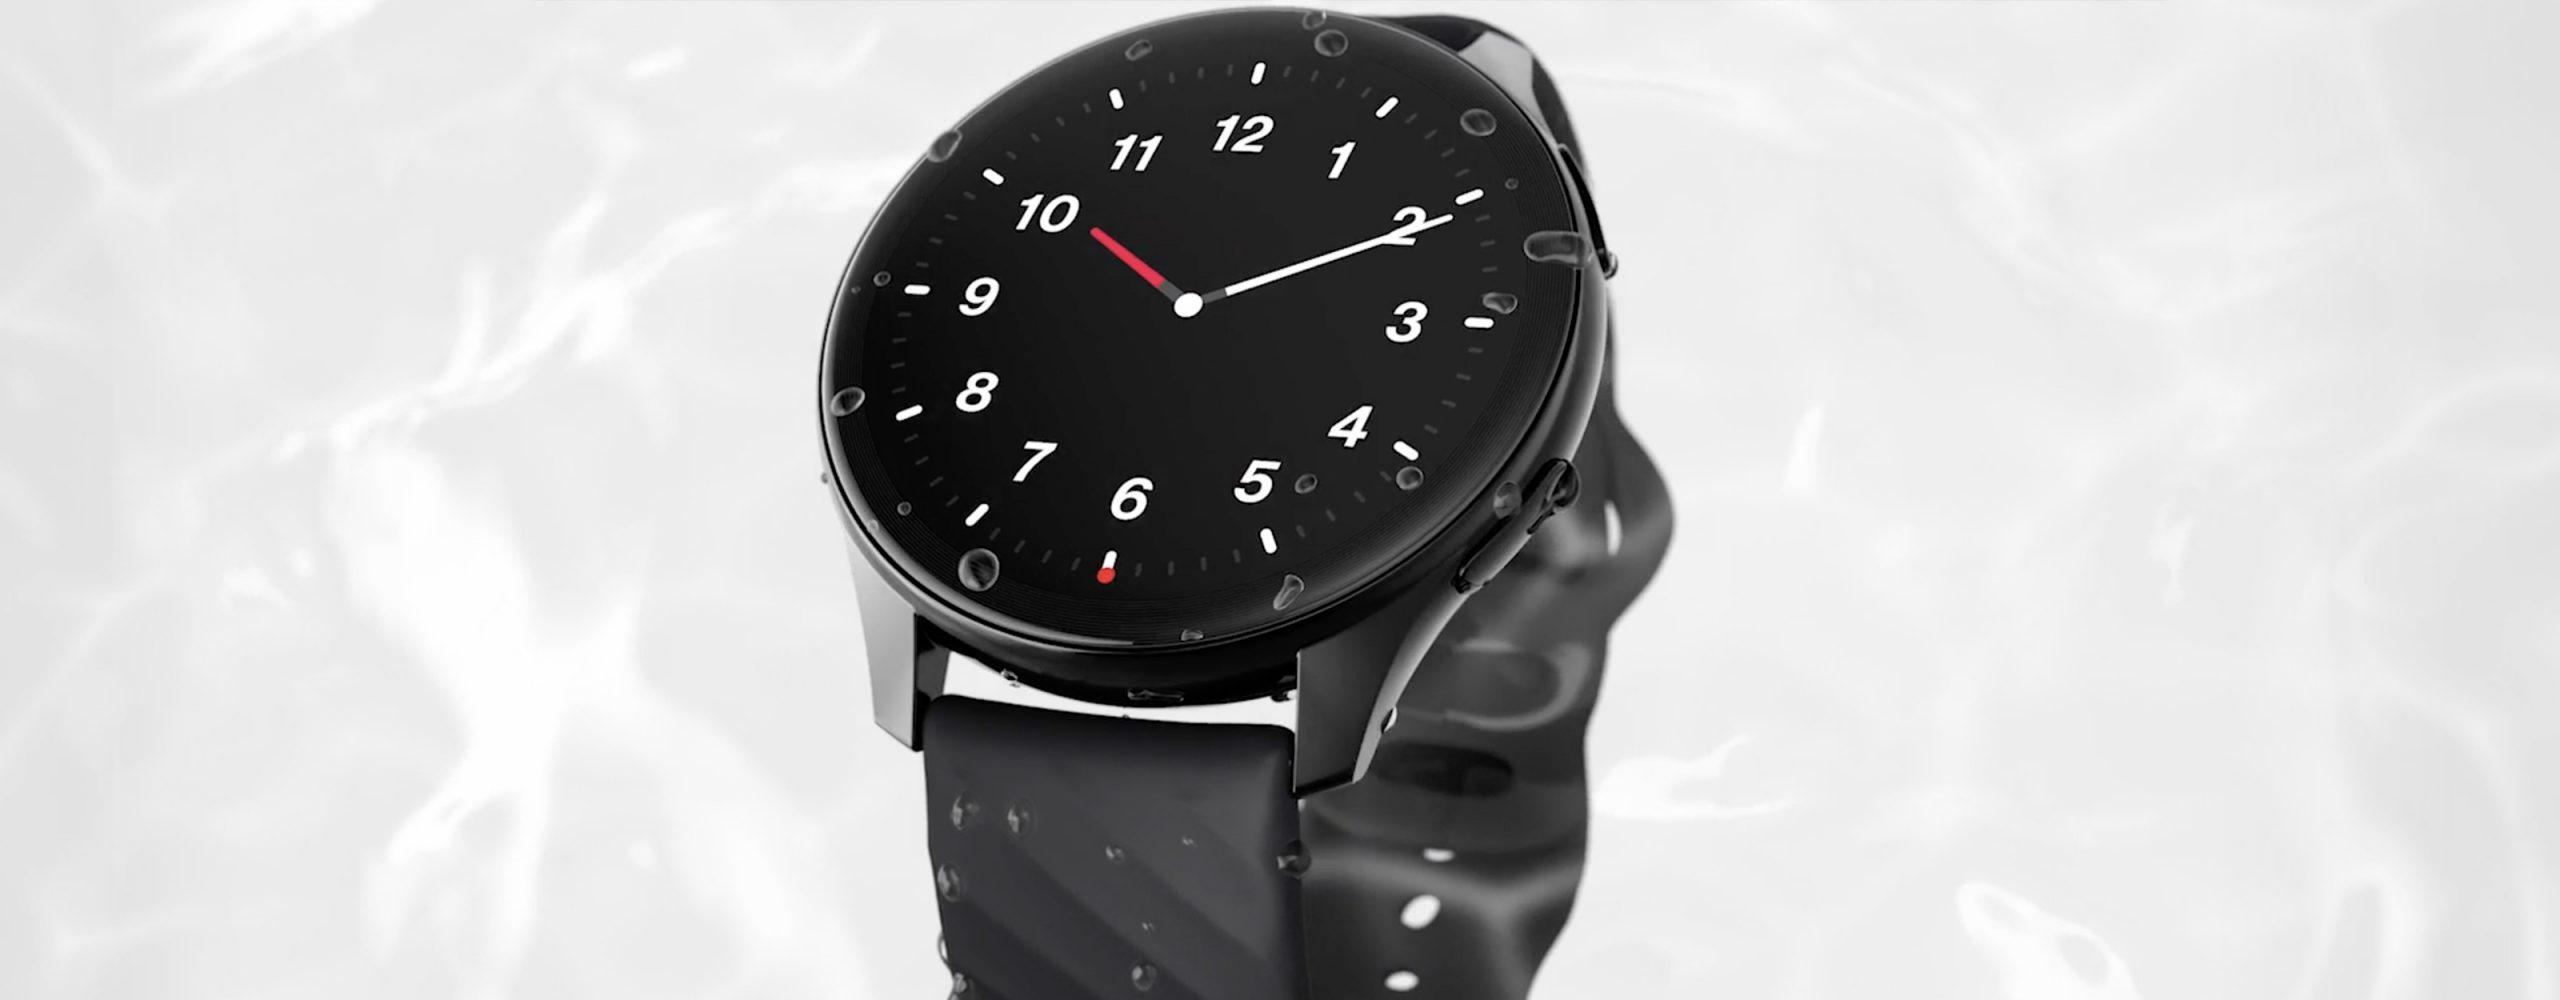 Compra Ahora el OnePlus Watch con el Mejor Precio Online desde España